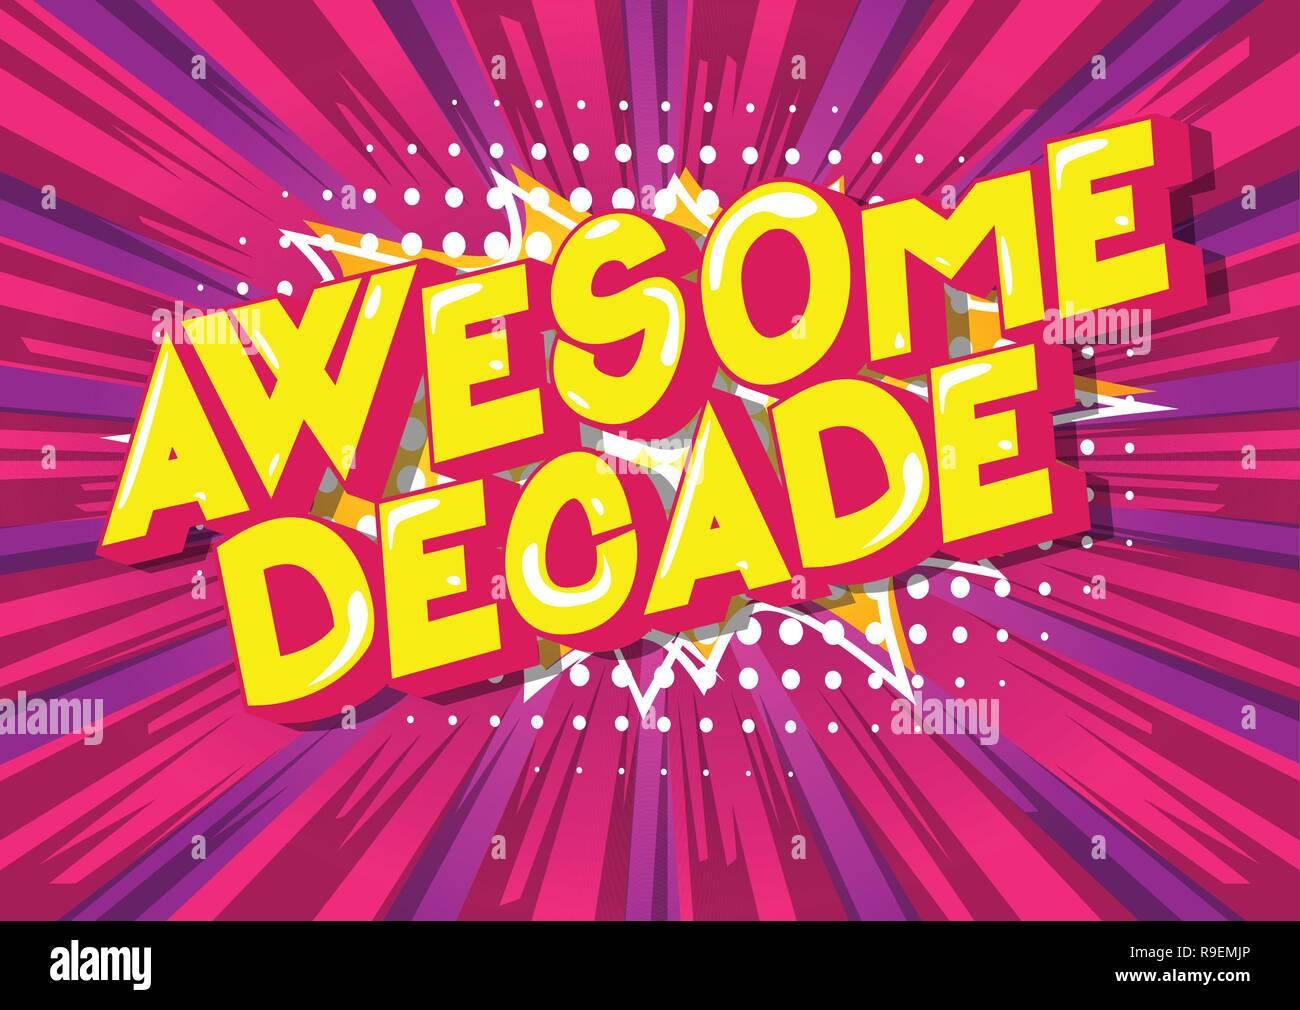 Awesome Dekade - Vektor illustrierte Comic Stil Phrase auf abstrakten Hintergrund. Stockbild